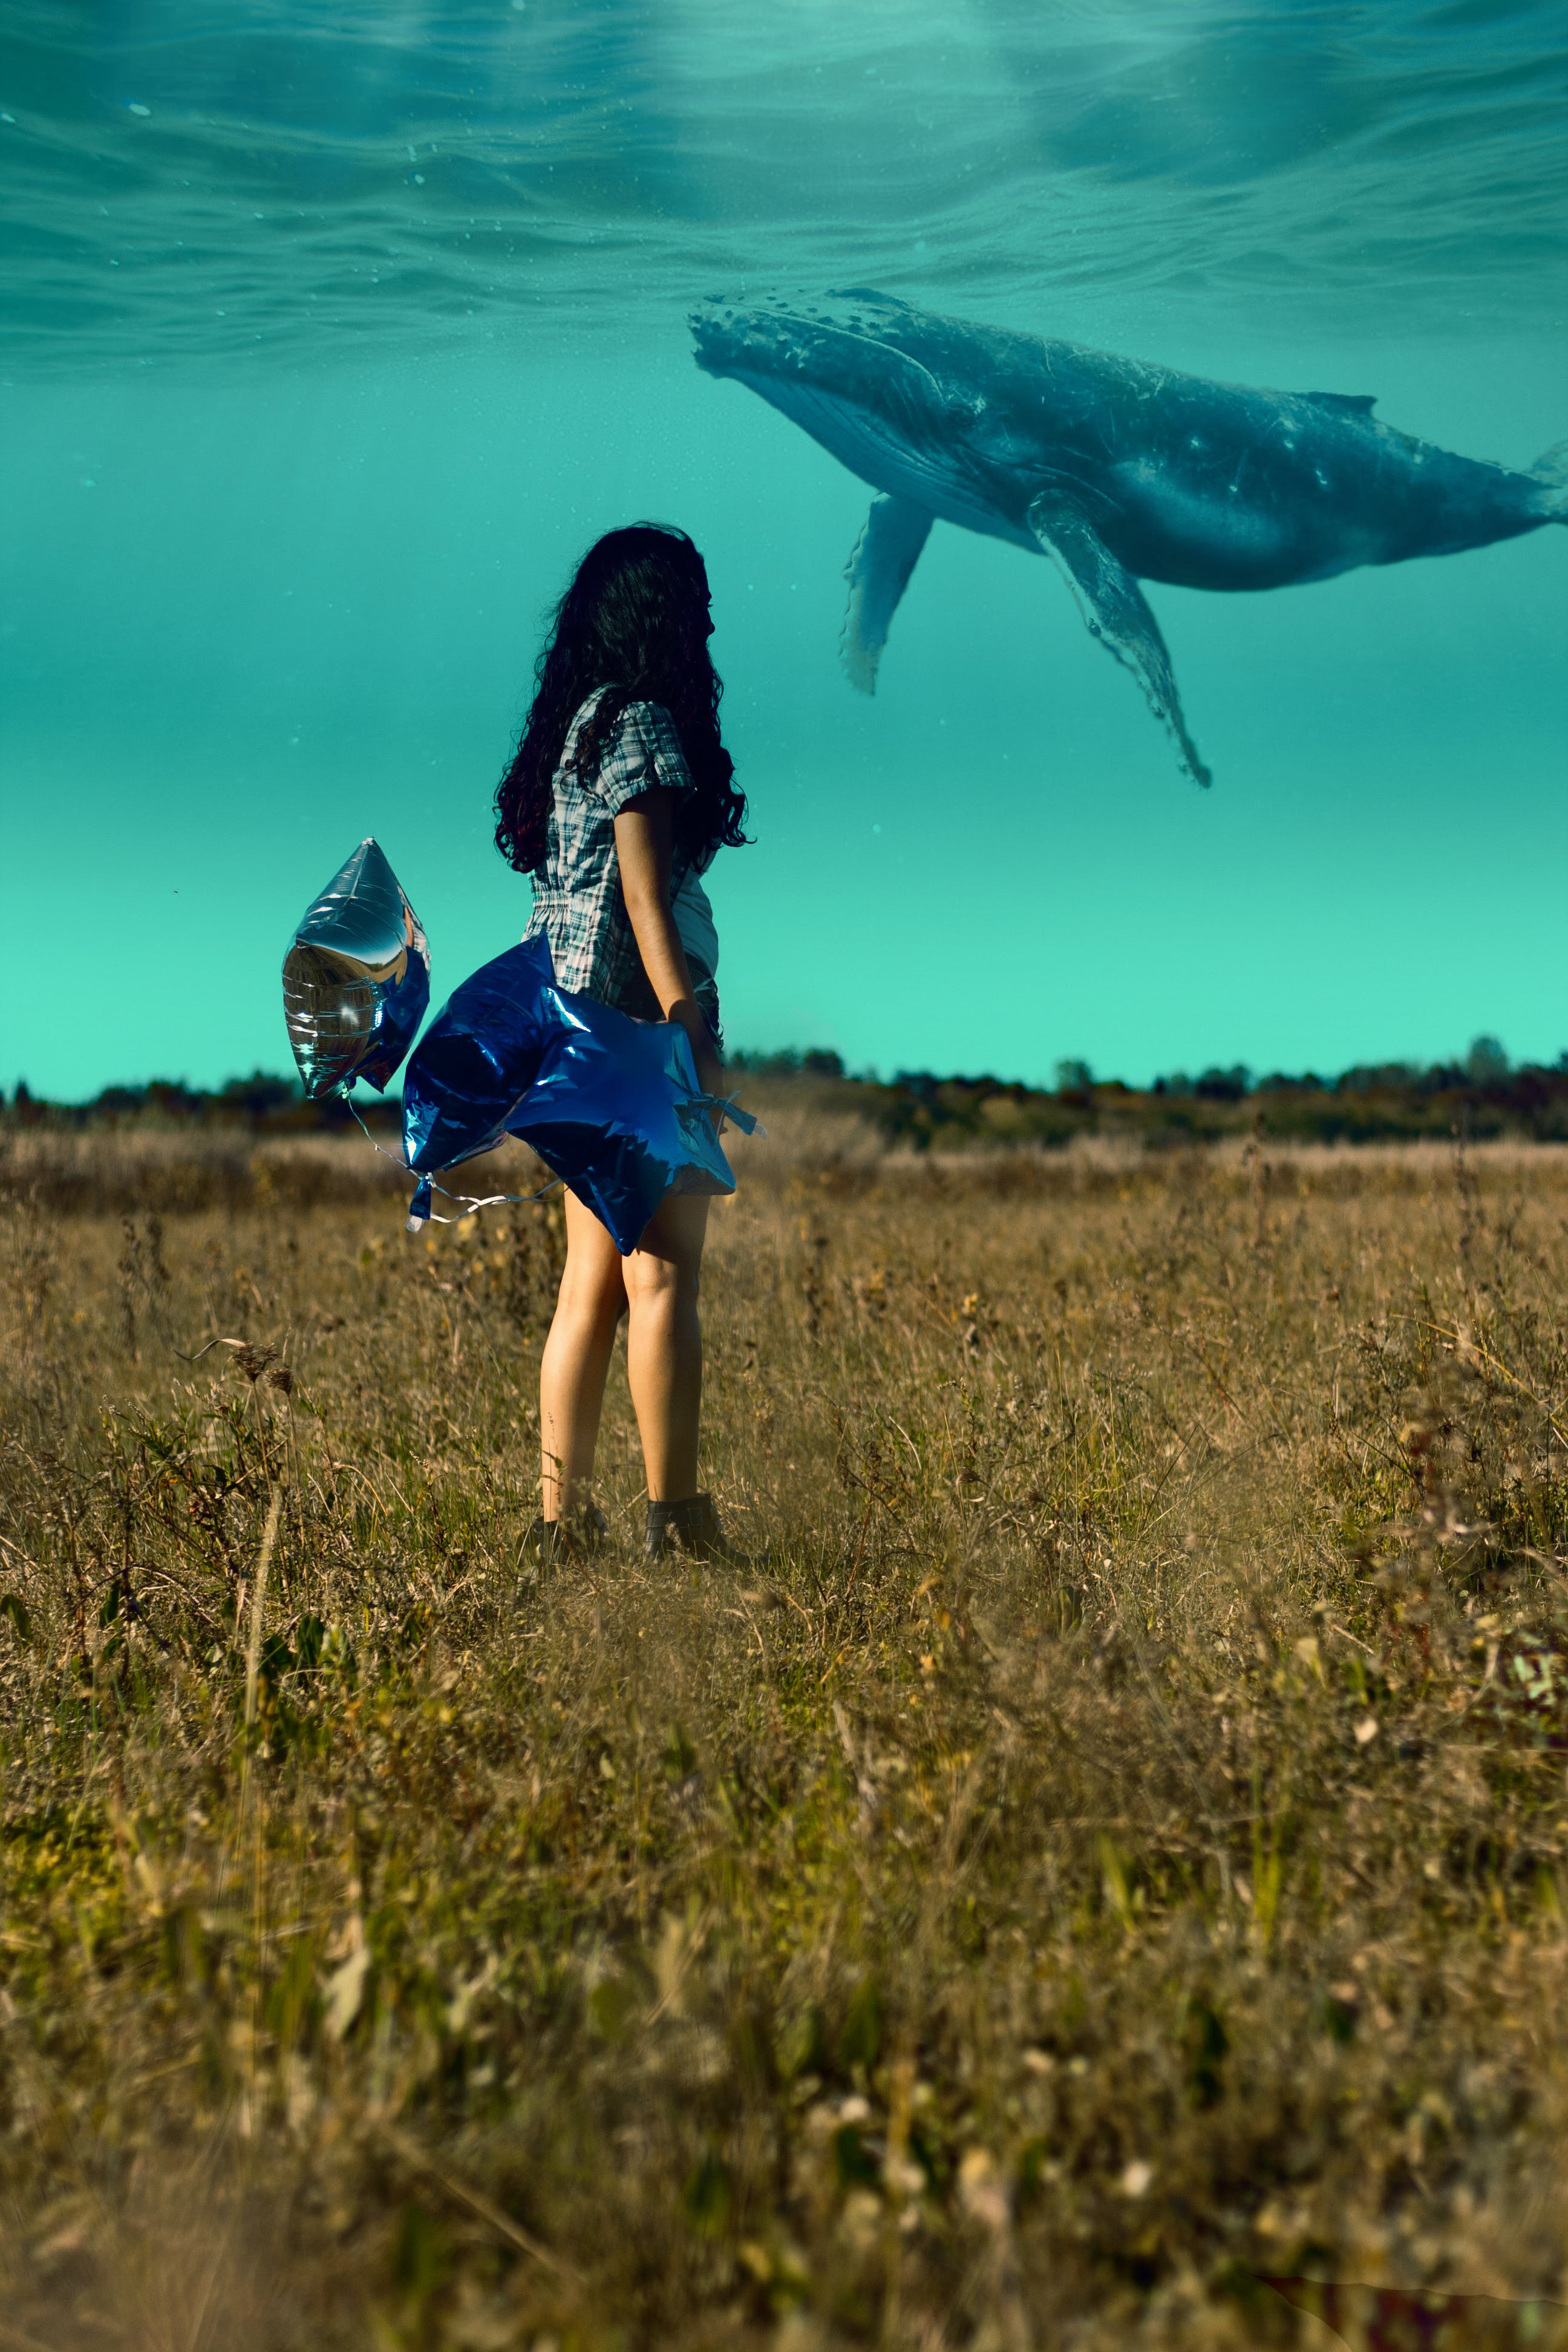 Gratis lagerfoto af hvaler, natur, Pige, piger